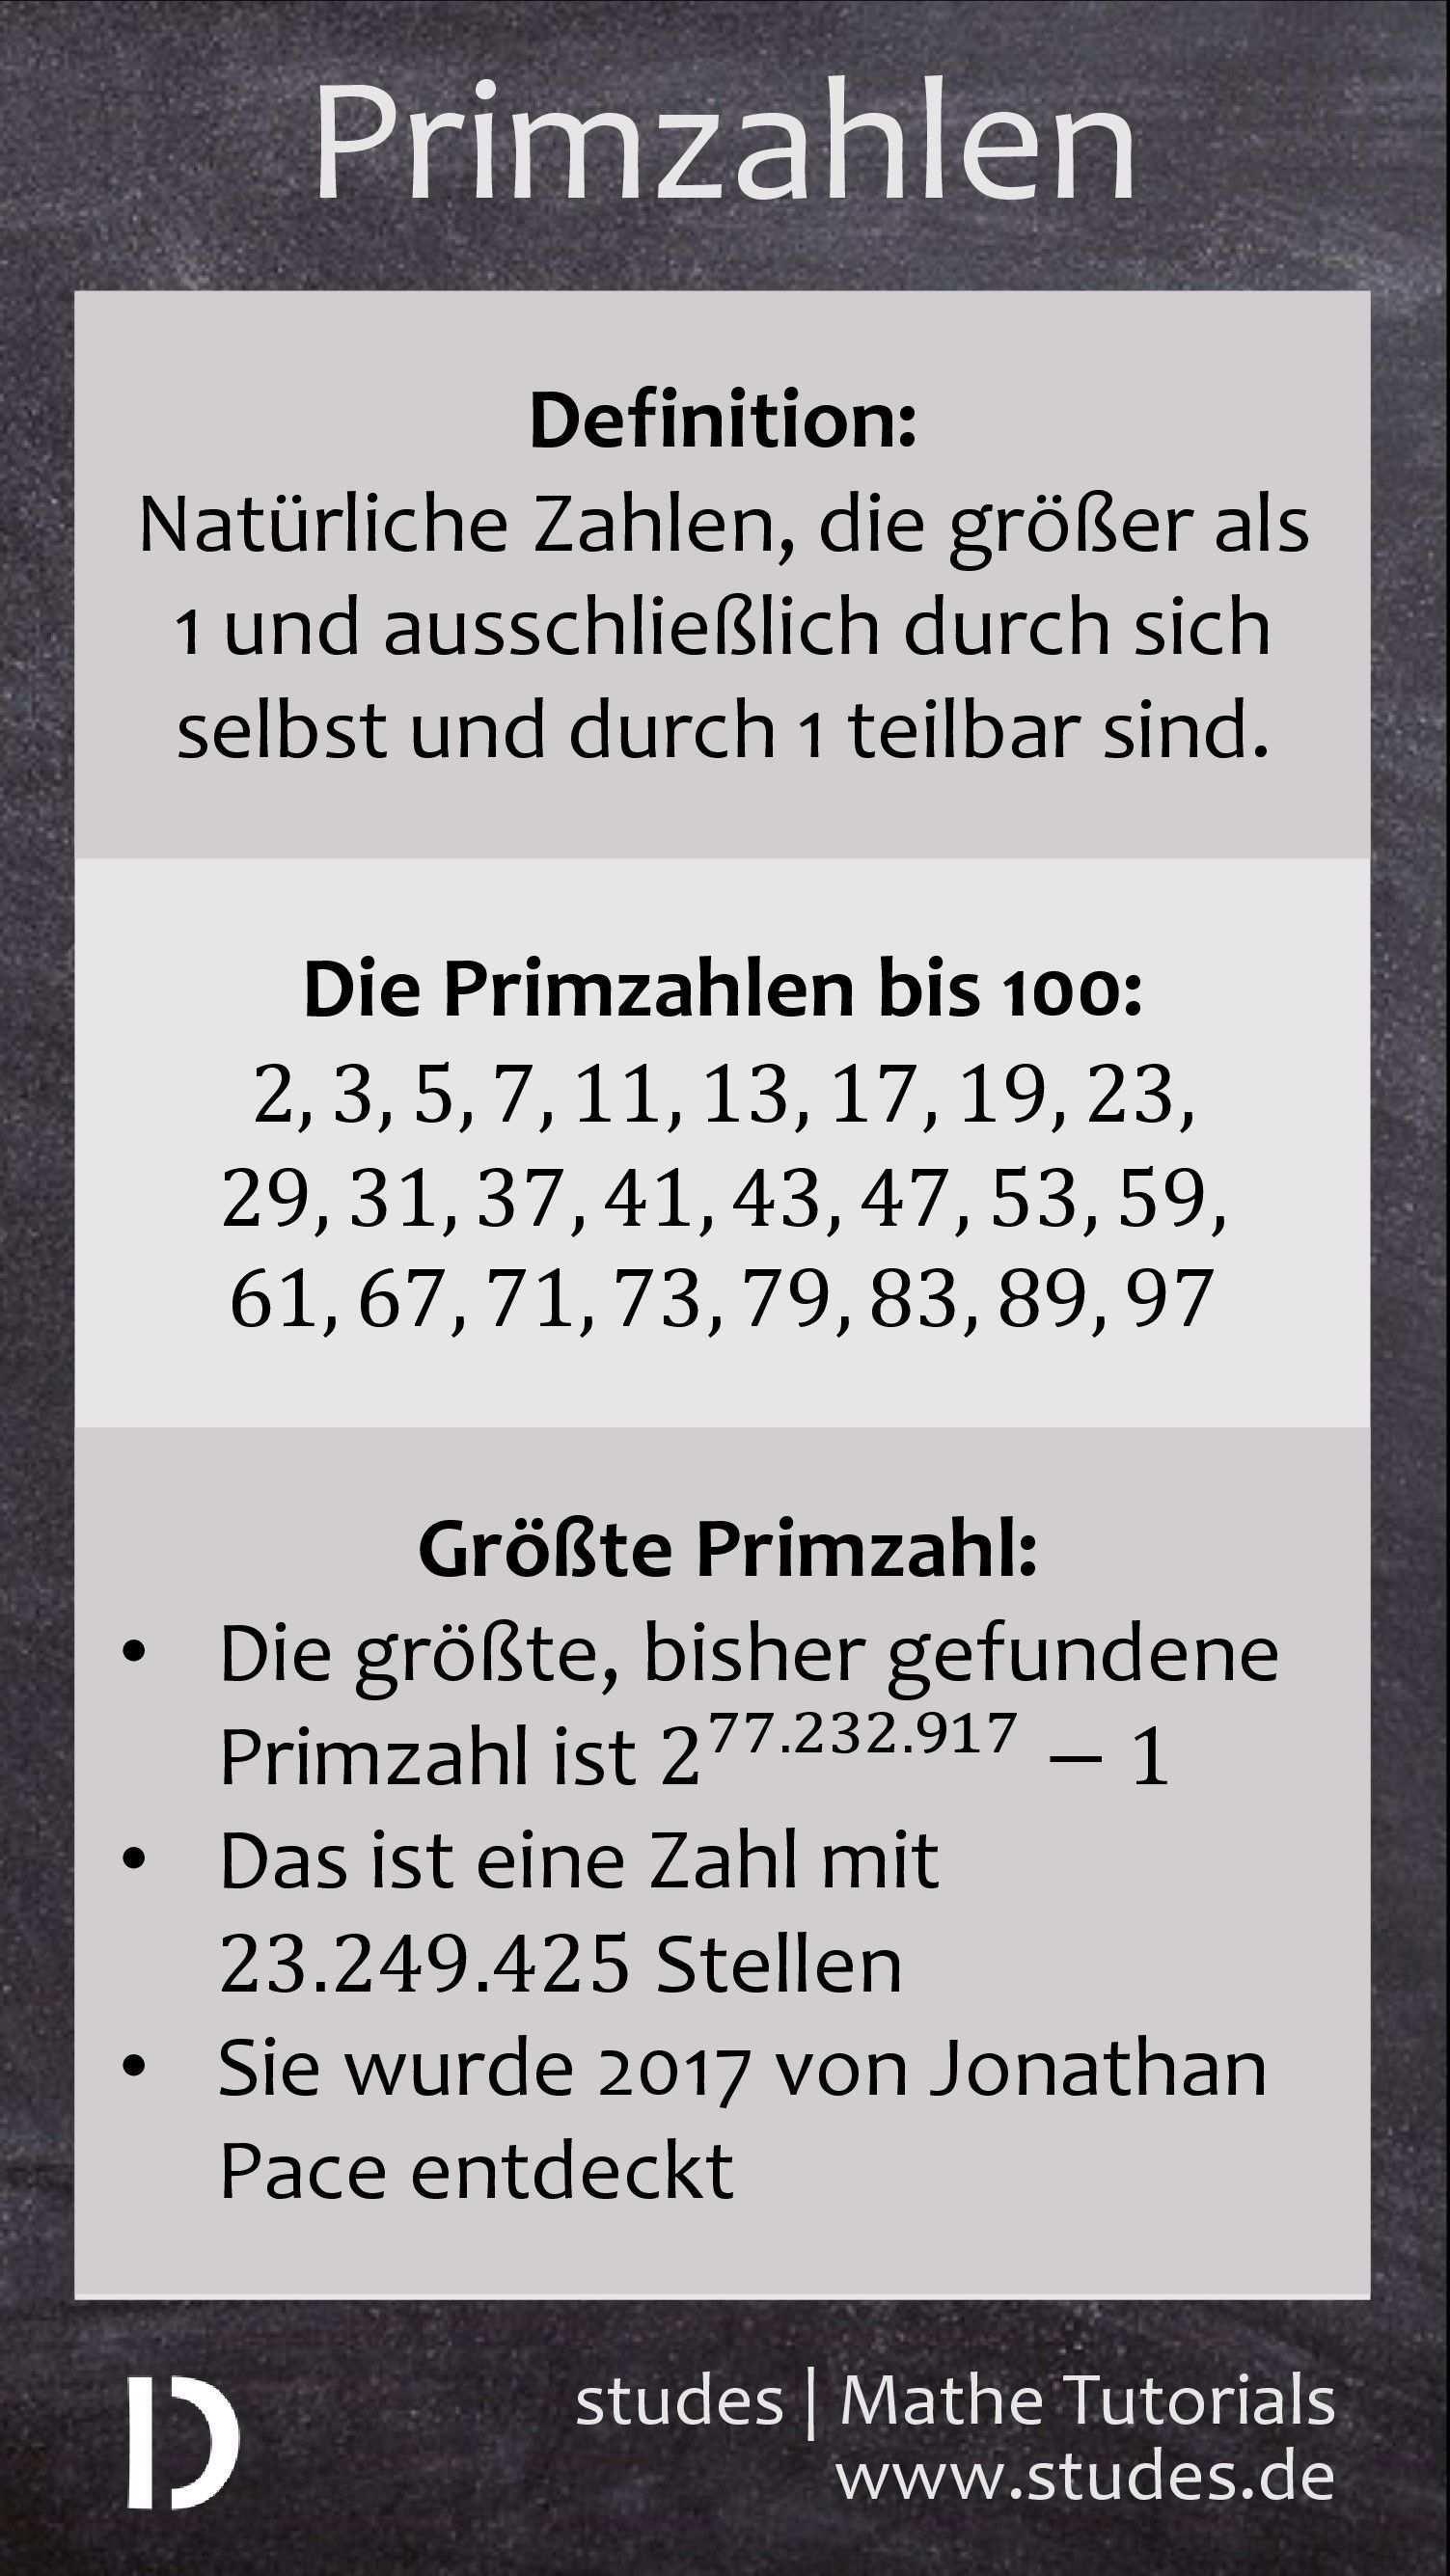 Primzahlen Was Ist Eine Primzahl Primzahlen Bis 100 Die Grosste Primzahl Studes Mehr Spicker Auf Studes De Mathematik Lernen Primzahlen Nachhilfe Mathe